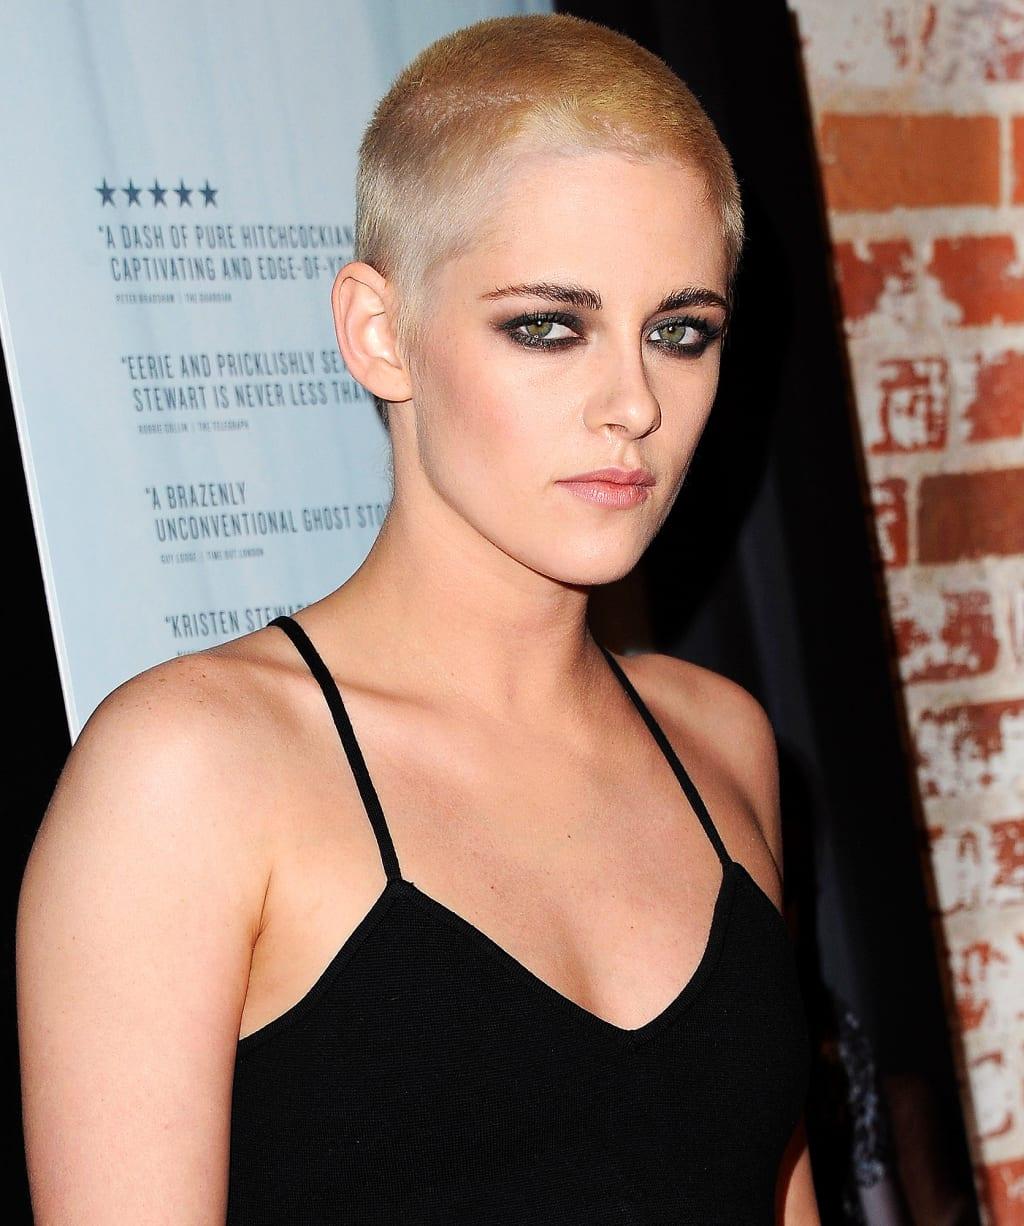 Kristen Stewart Emerges As New LGBTQ Icon